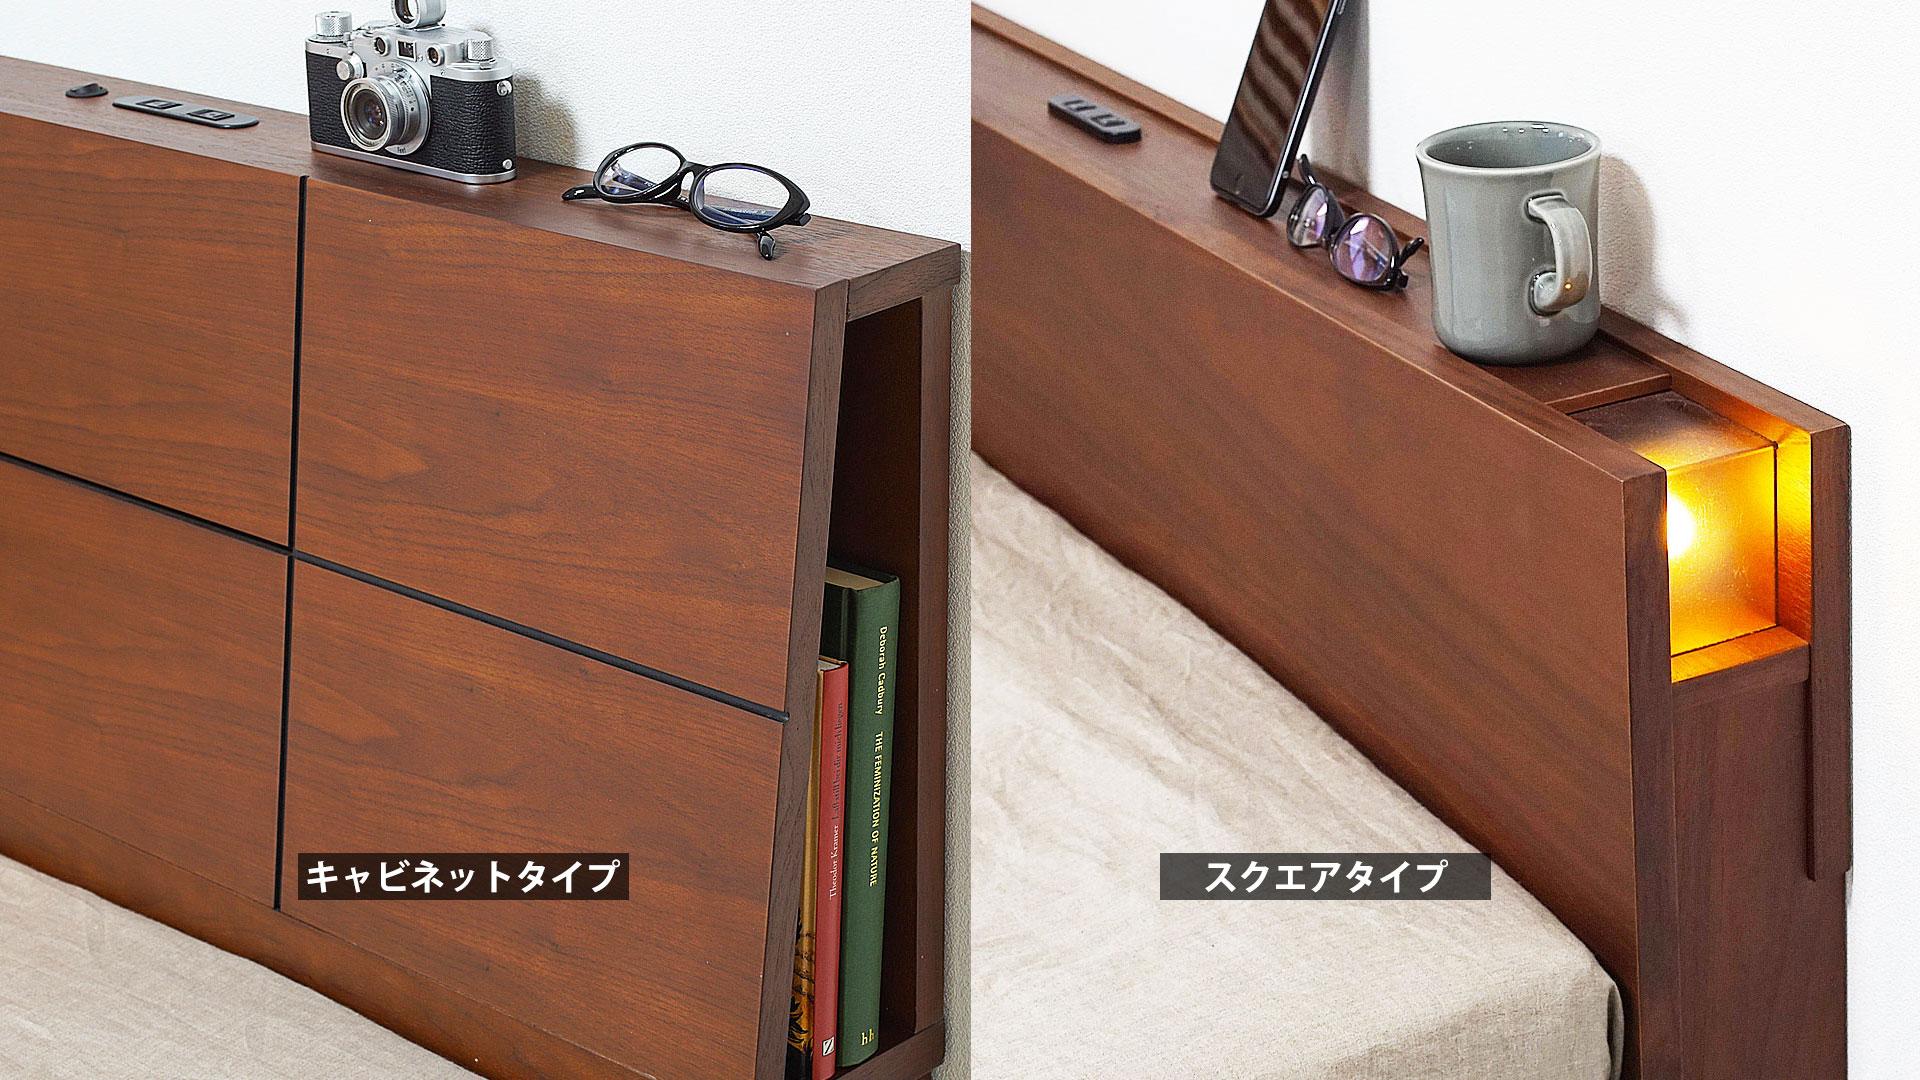 リビンズのベッドフレーム「セリーズ」のキャビとスクエアの画像